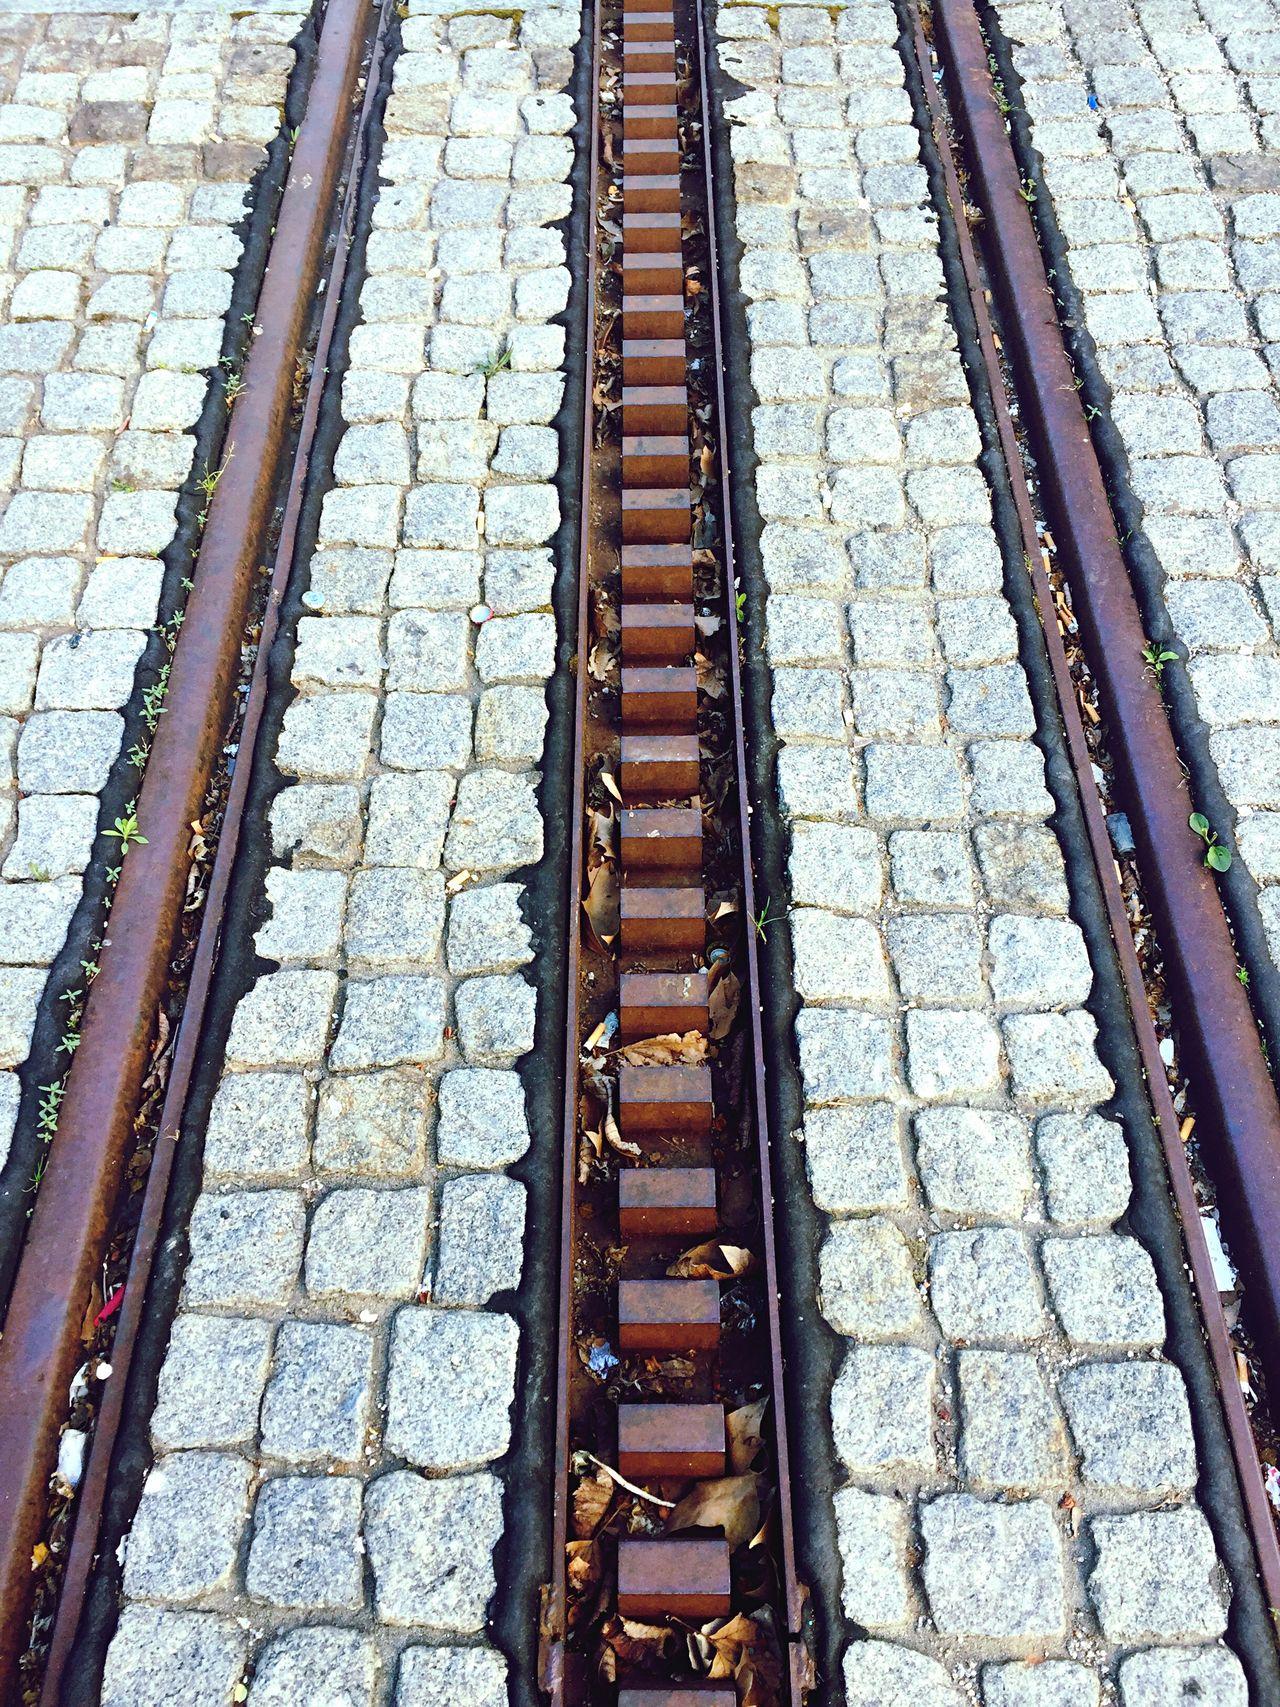 Rail Rails Railing Rail Transportation Railroad Track Railway Railroad Station Railroad Station Platform Railroad Railway Track Railroad Track Zahnradbahn